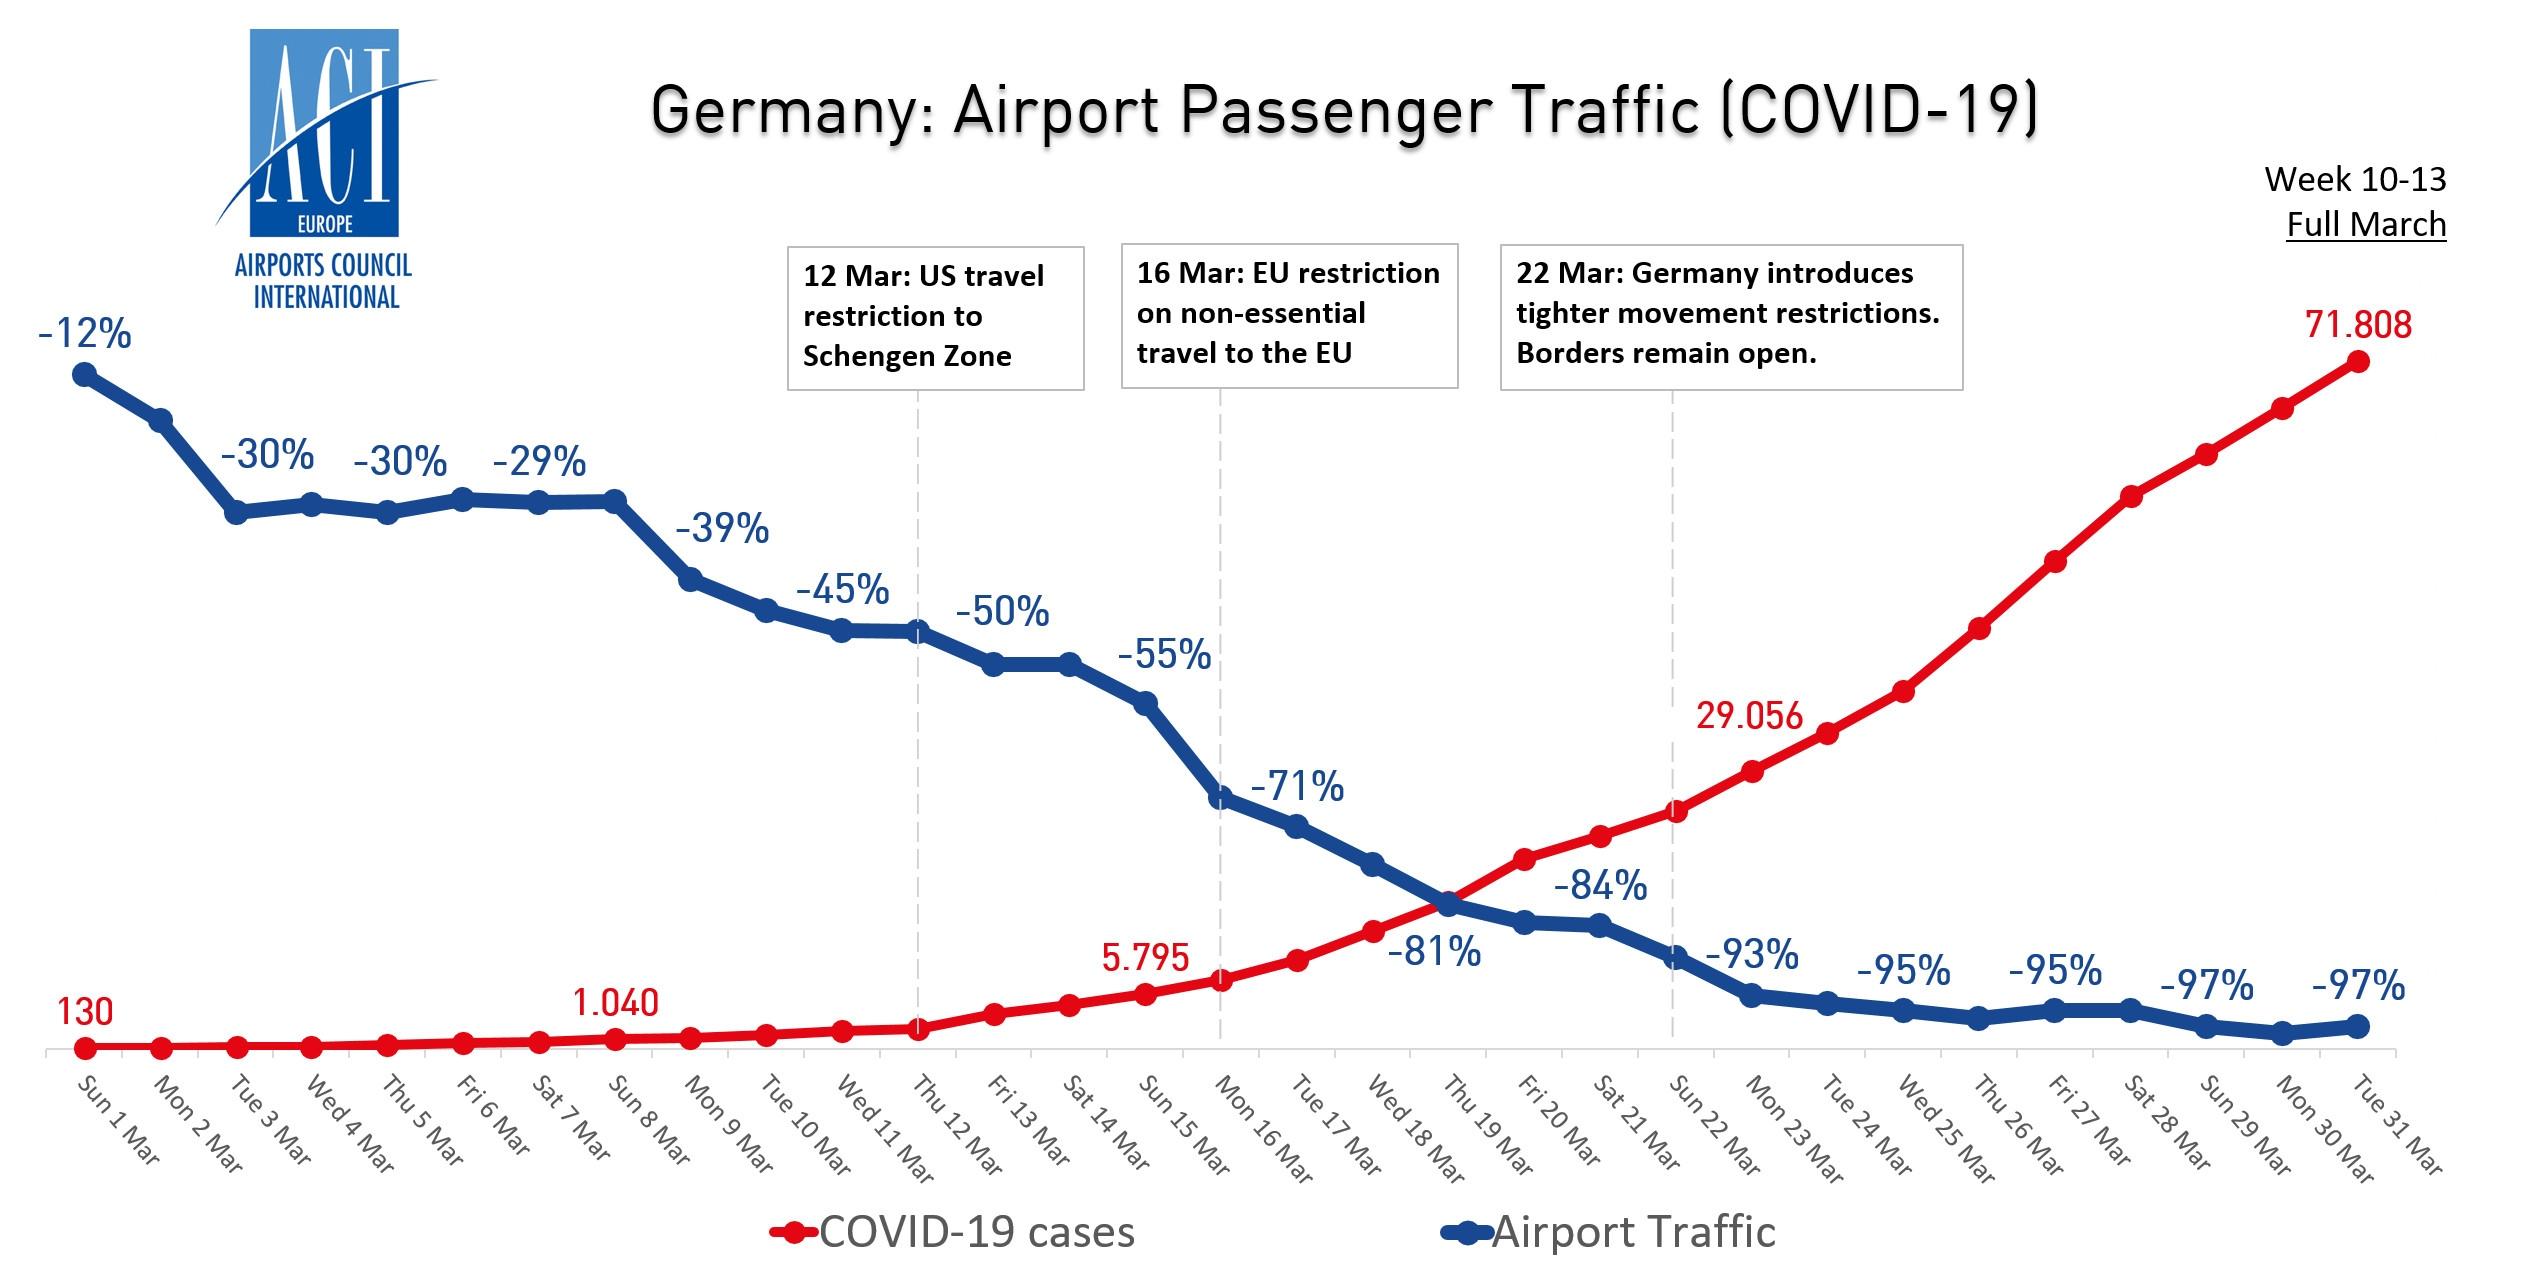 德国机场客流量与新冠病毒病例走势图